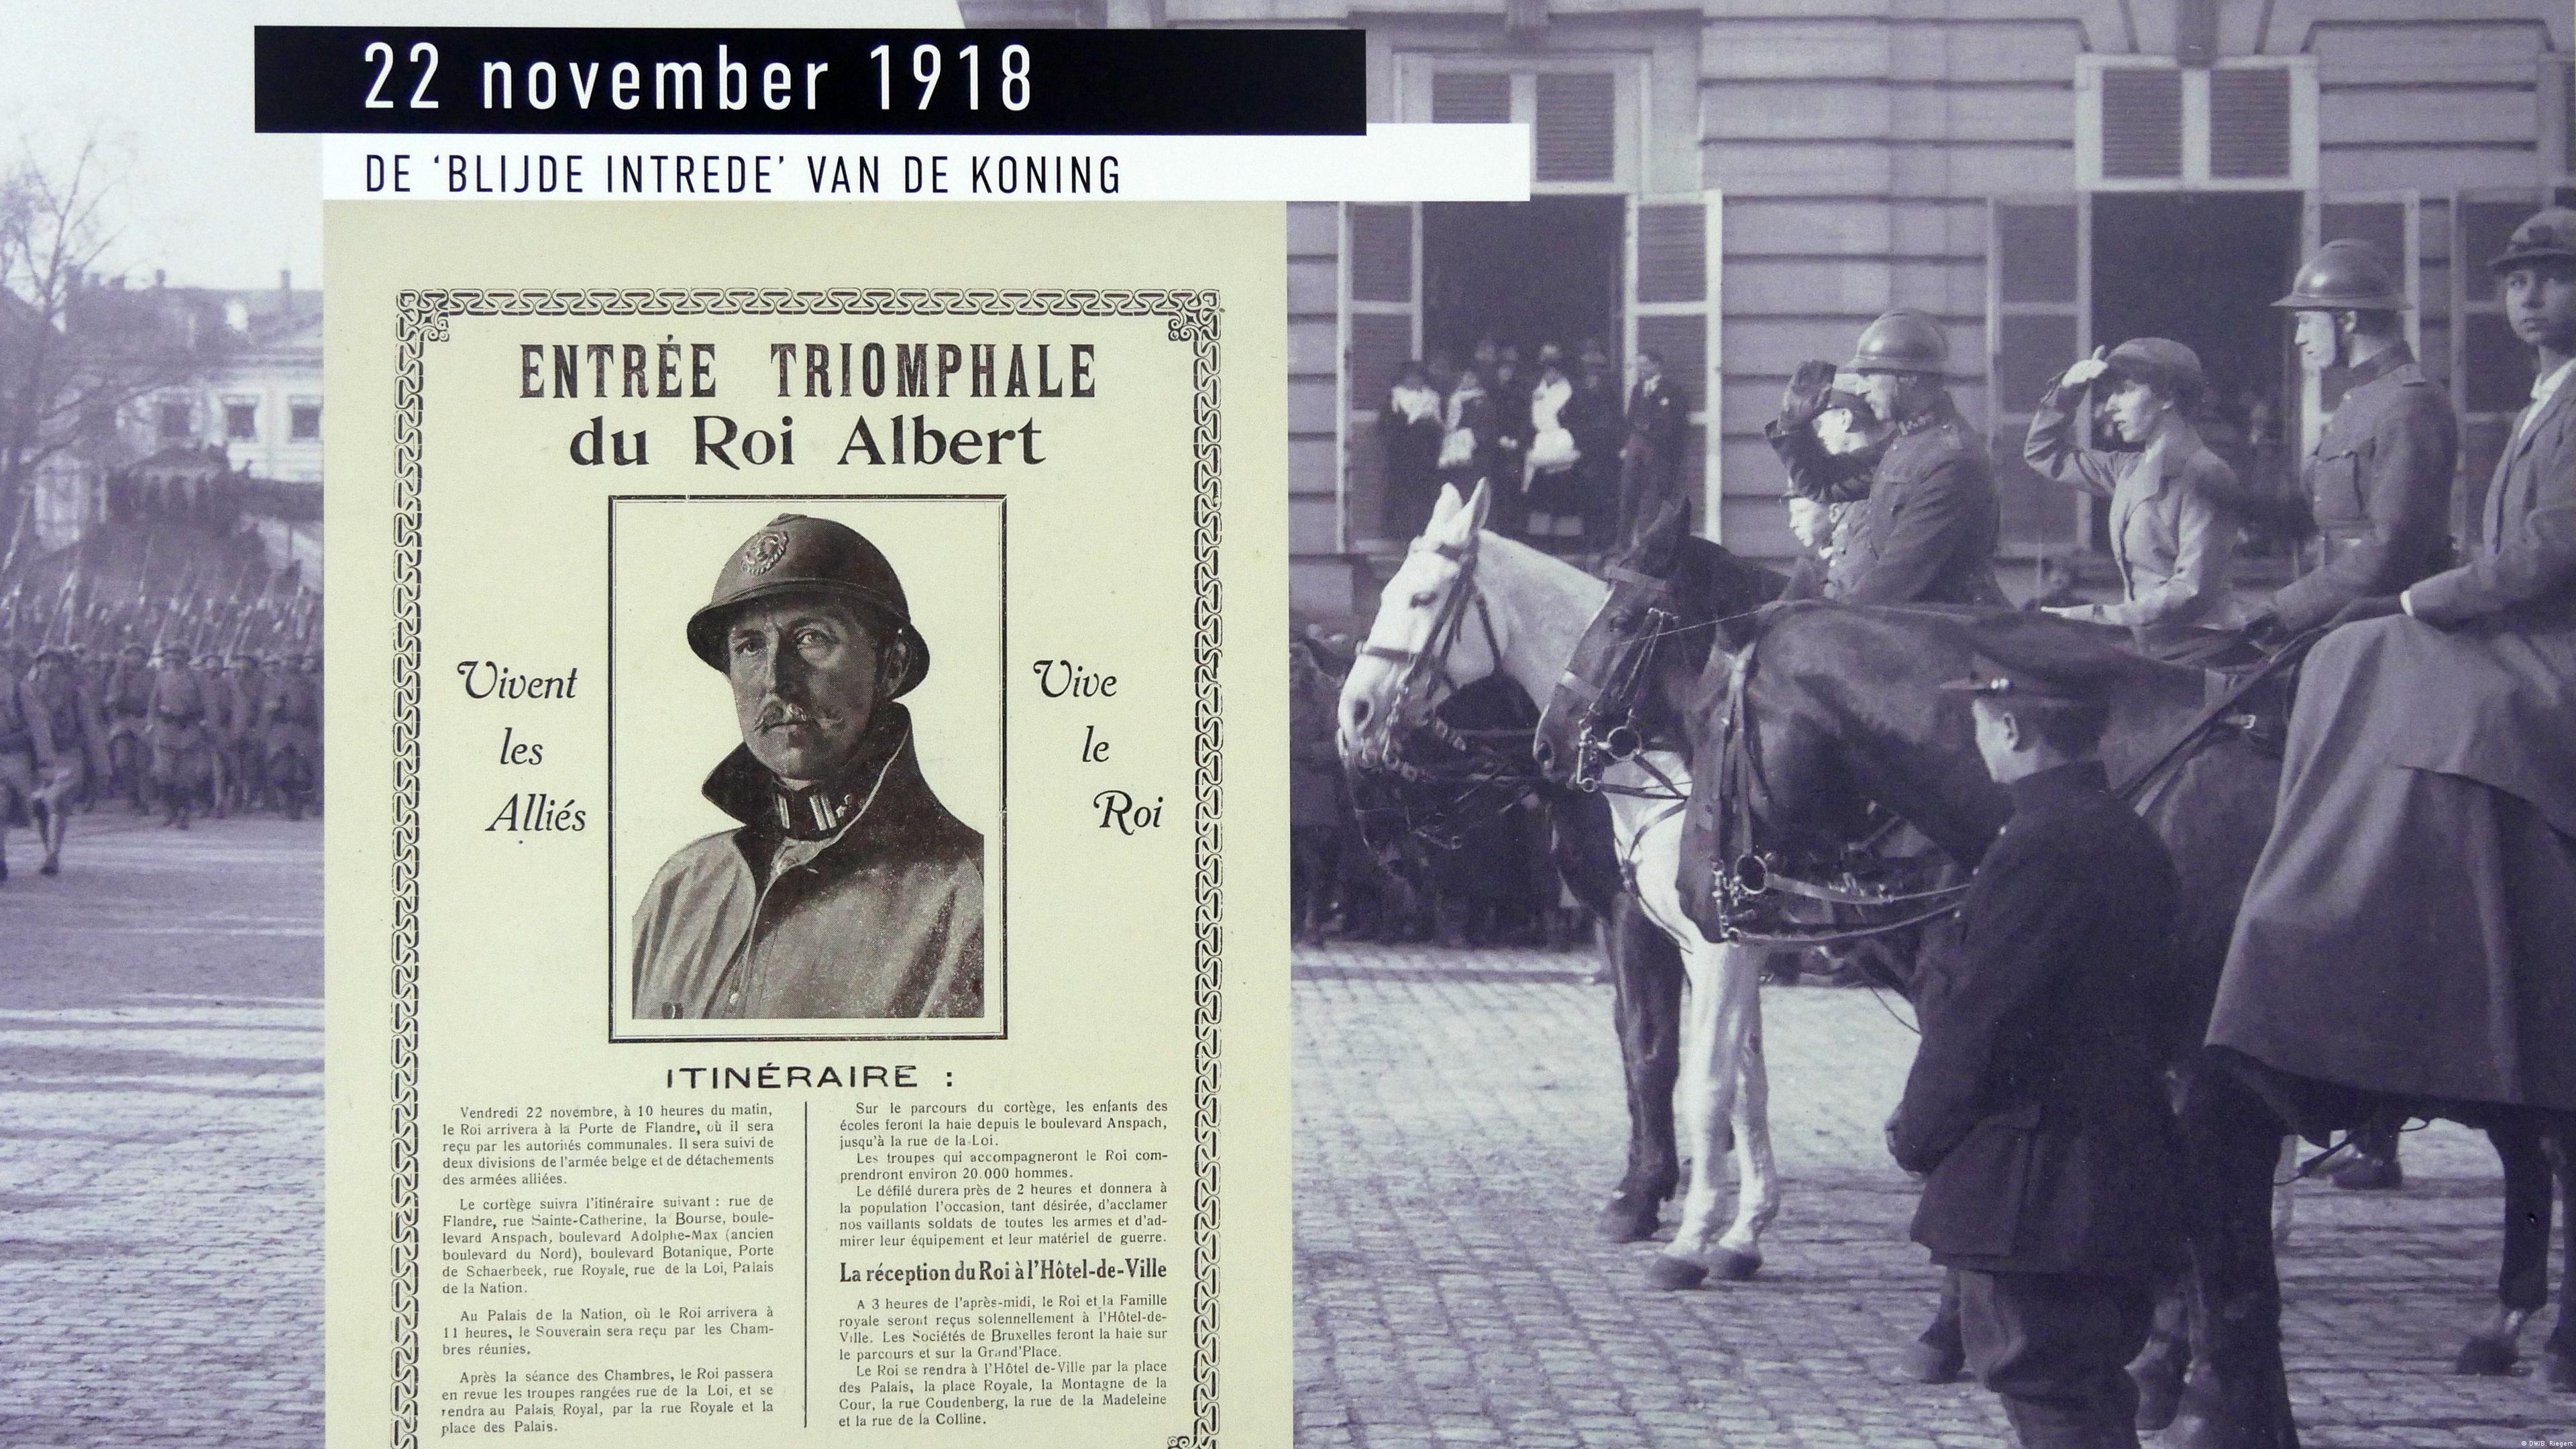 King Albert I on horseback